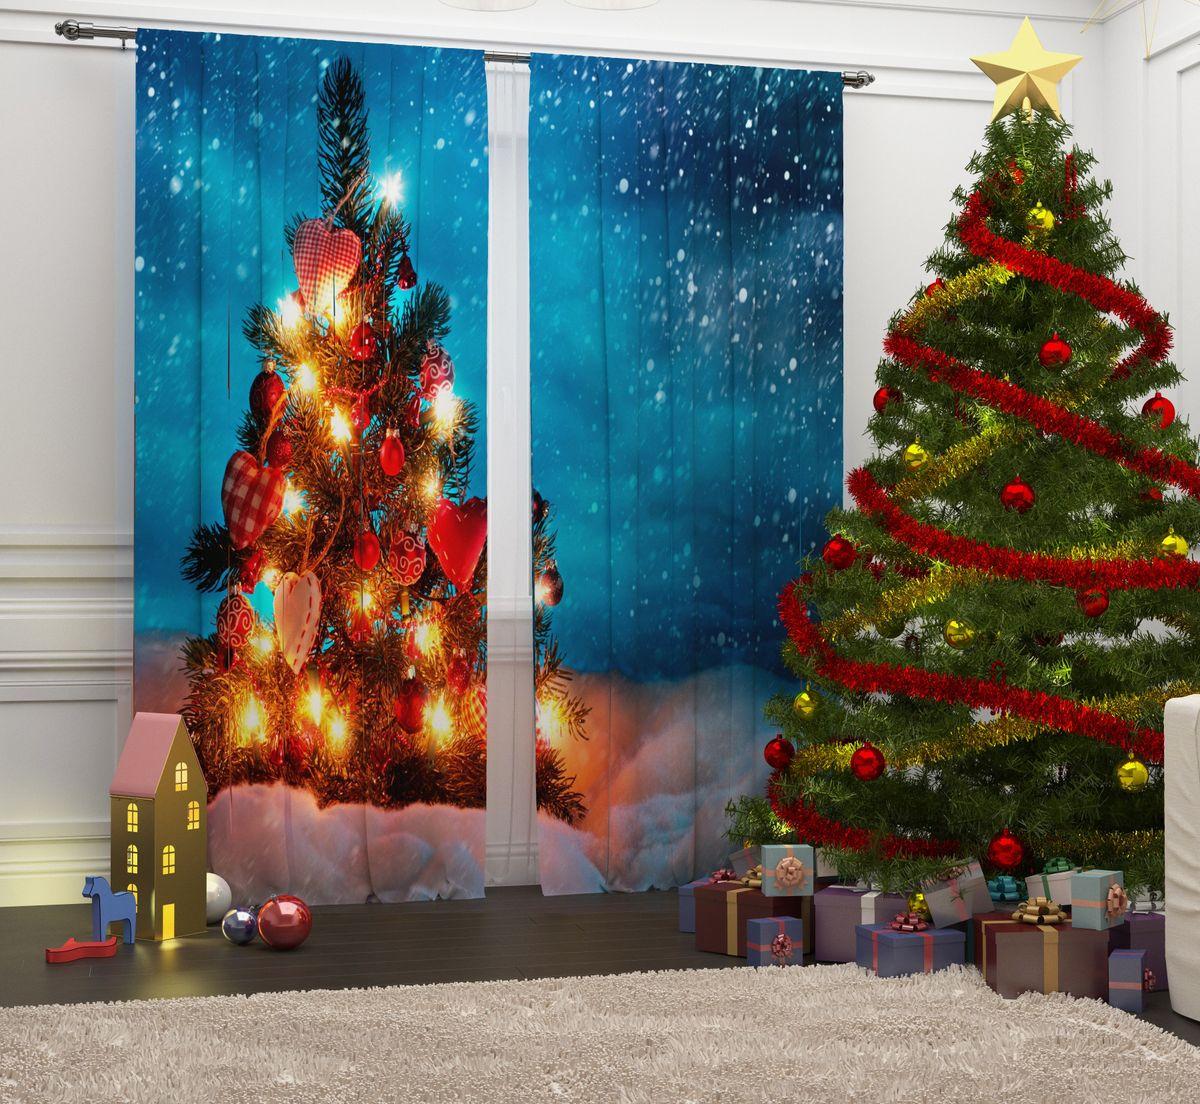 Фотошторы Сирень Рождественские огни, на ленте, высота 260 см10503Перед новогодними праздниками каждая хозяйка или хозяин хотят украсить свой дом. Мы предлагаем оригинальное решение, украсить Ваше окно фотошторами с новогодней тематикой. Новогодние фотошторы Сирень станут отличным подарком на Новый год. Подарите радость праздника себе и Вашим близким людям!Текстиль бренда «Сирень» - качество в каждом сантиметре ткани!Крепление на карниз при помощи шторной ленты на крючки.В комплекте: Портьера: 2 шт. Размер (ШхВ): 145 см х 260 см. Рекомендации по уходу: стирка при 30 градусах гладить при температуре до 150 градусов Изображение на мониторе может немного отличаться от реального.